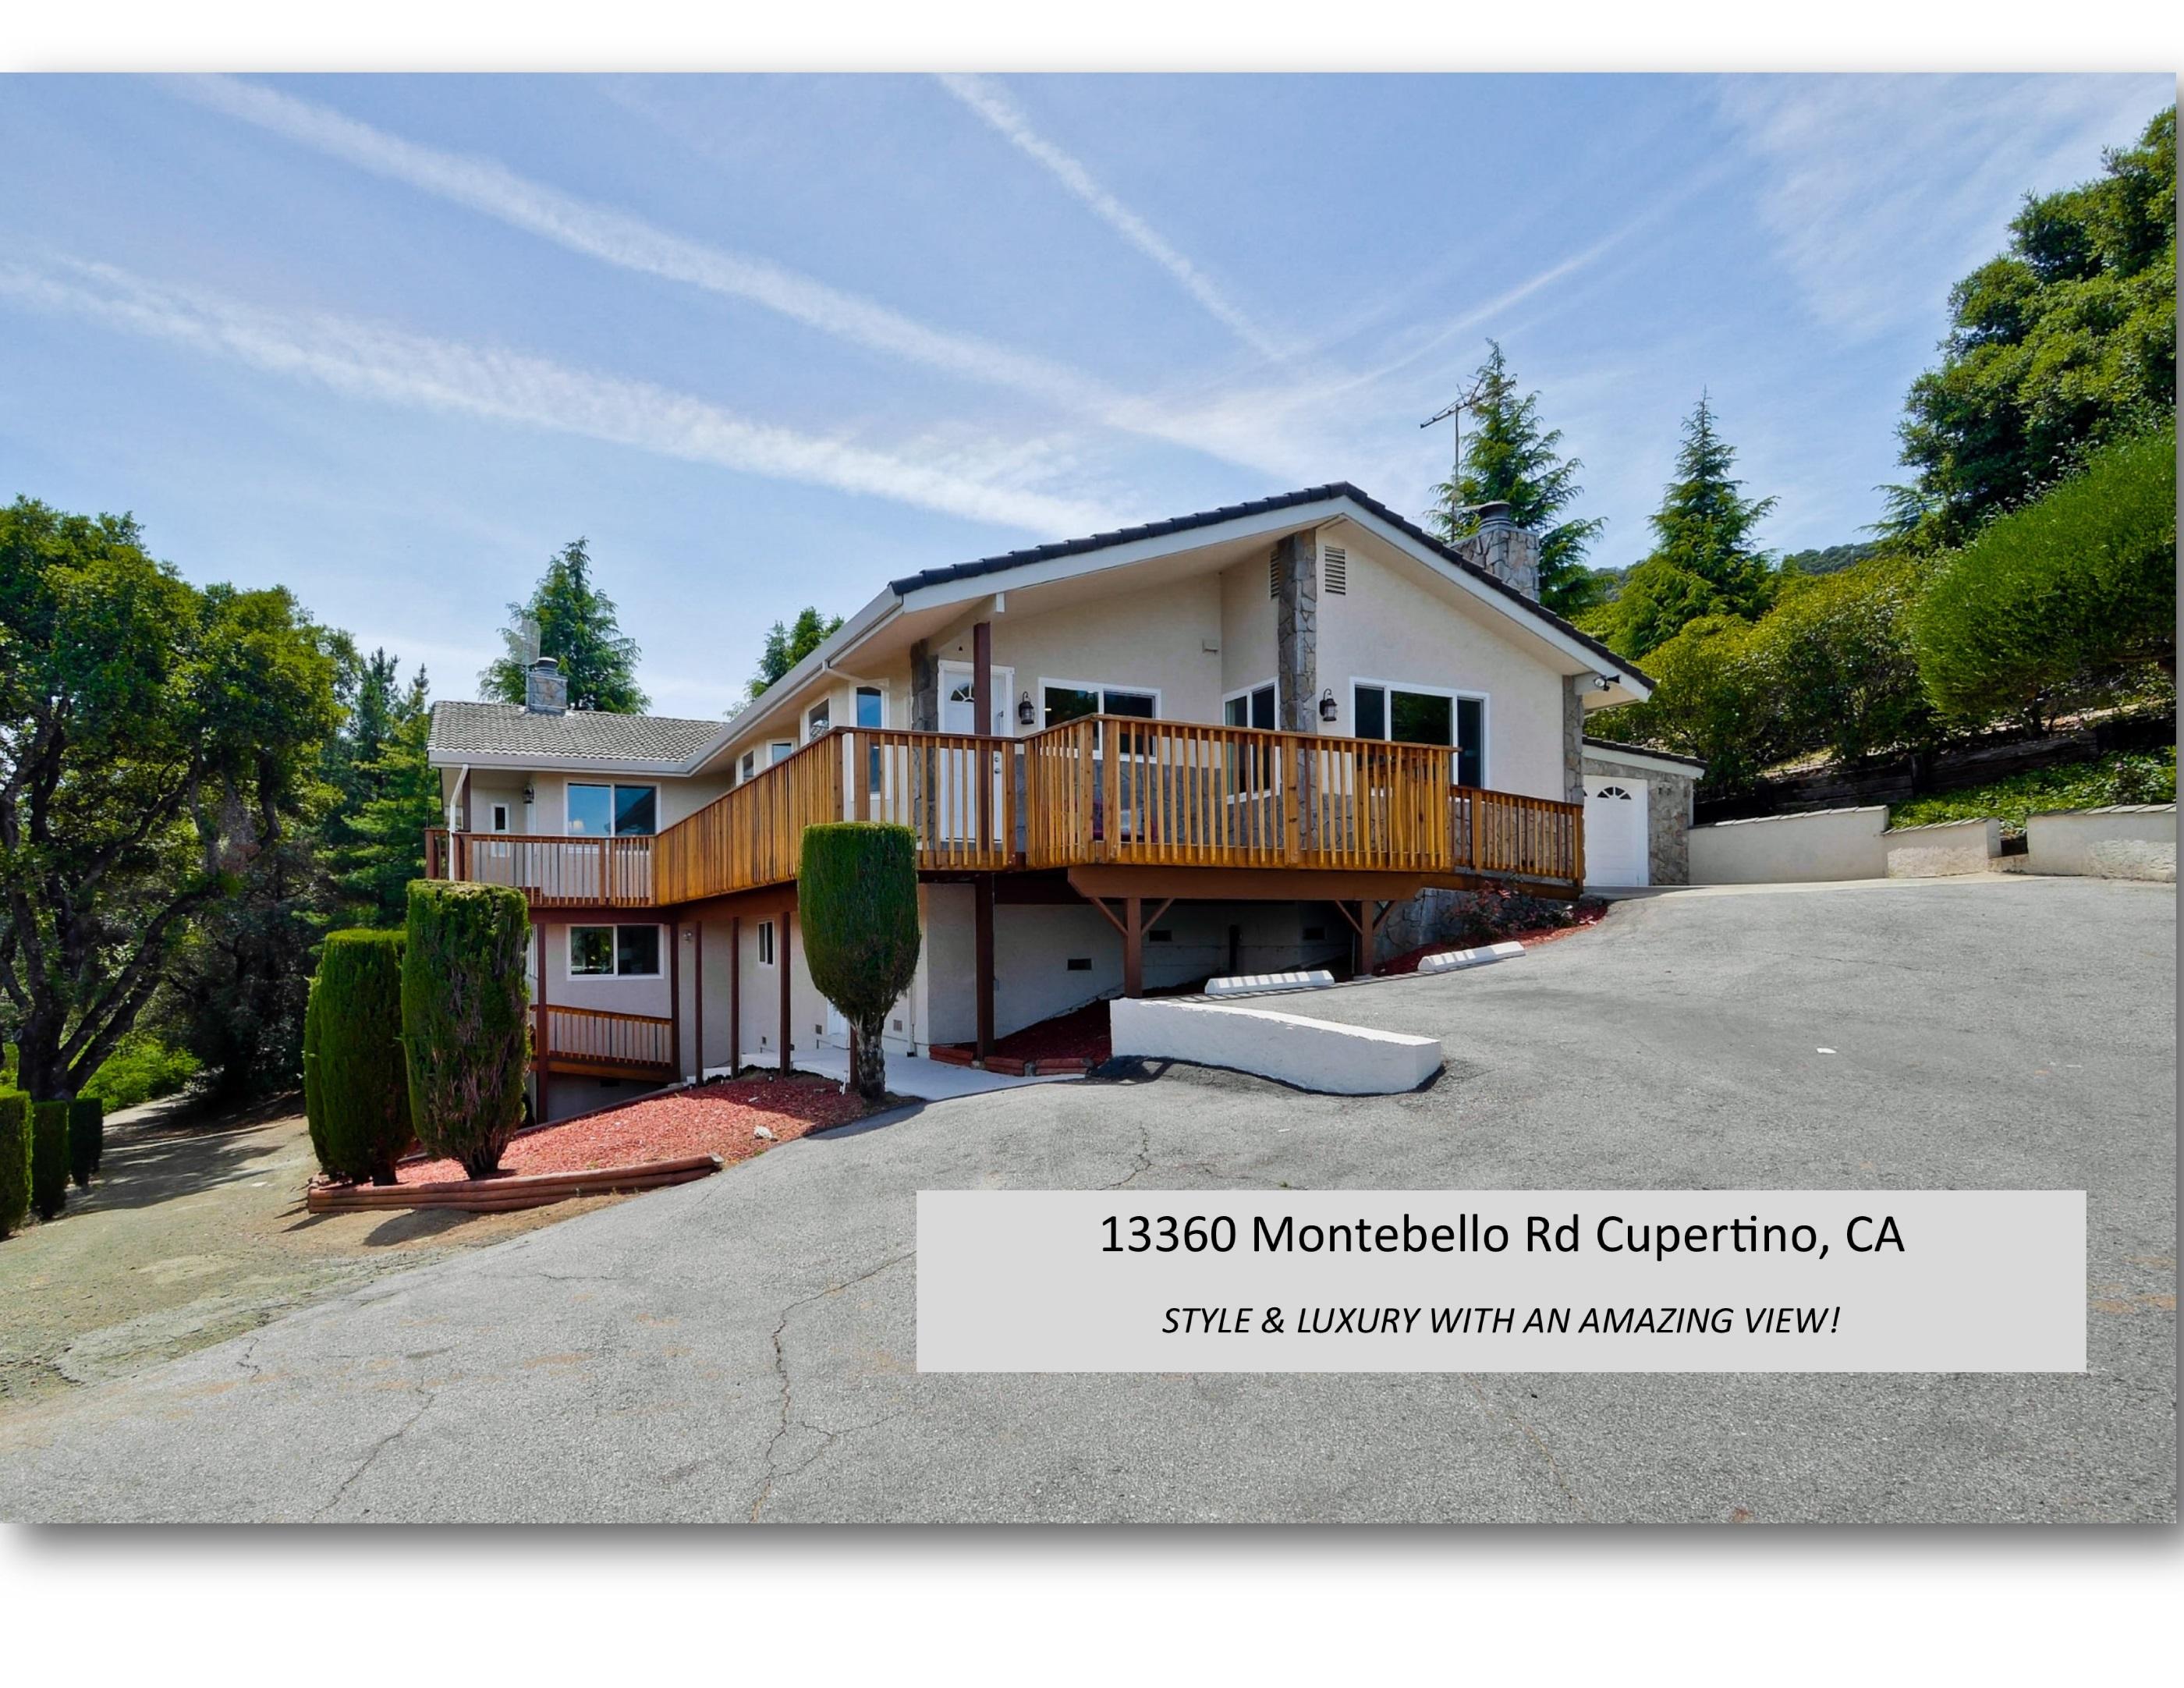 13360 Montebello Rd Cupertino, CA